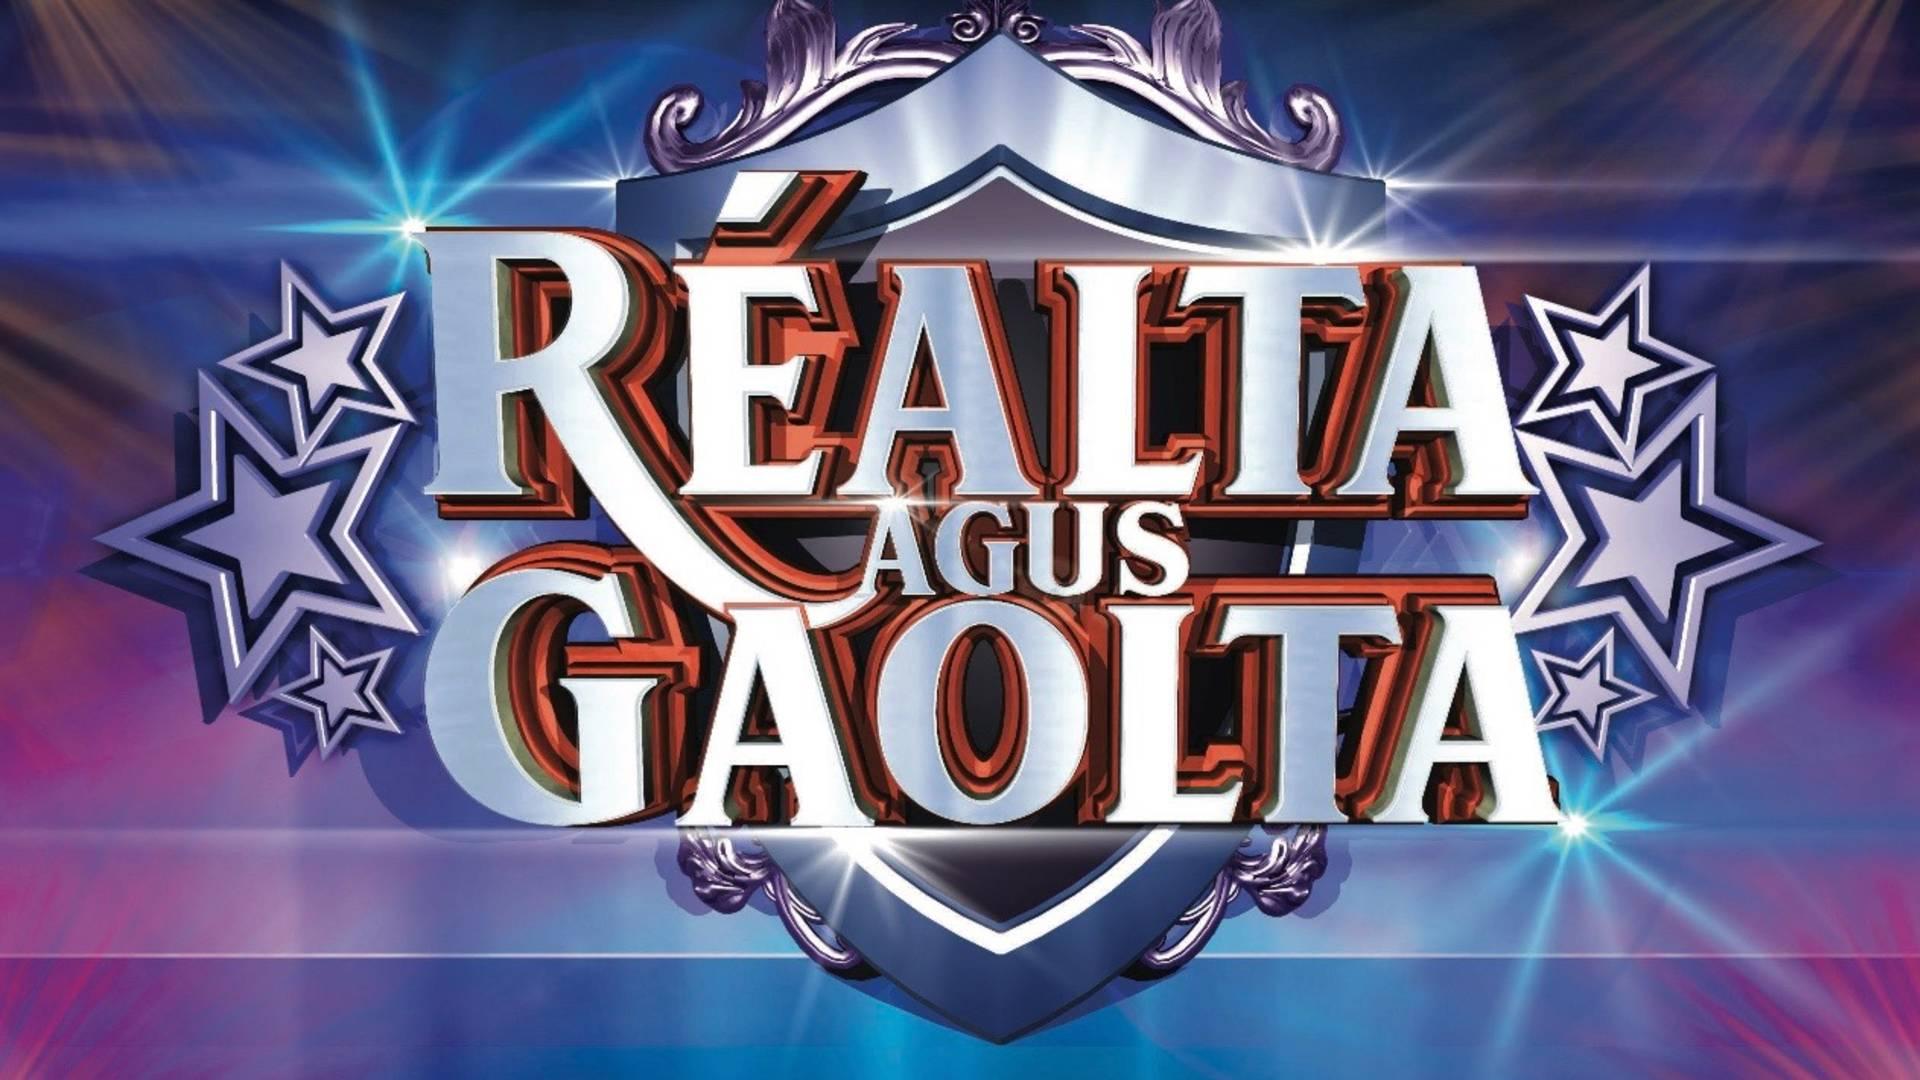 Réalta agus Gaolta